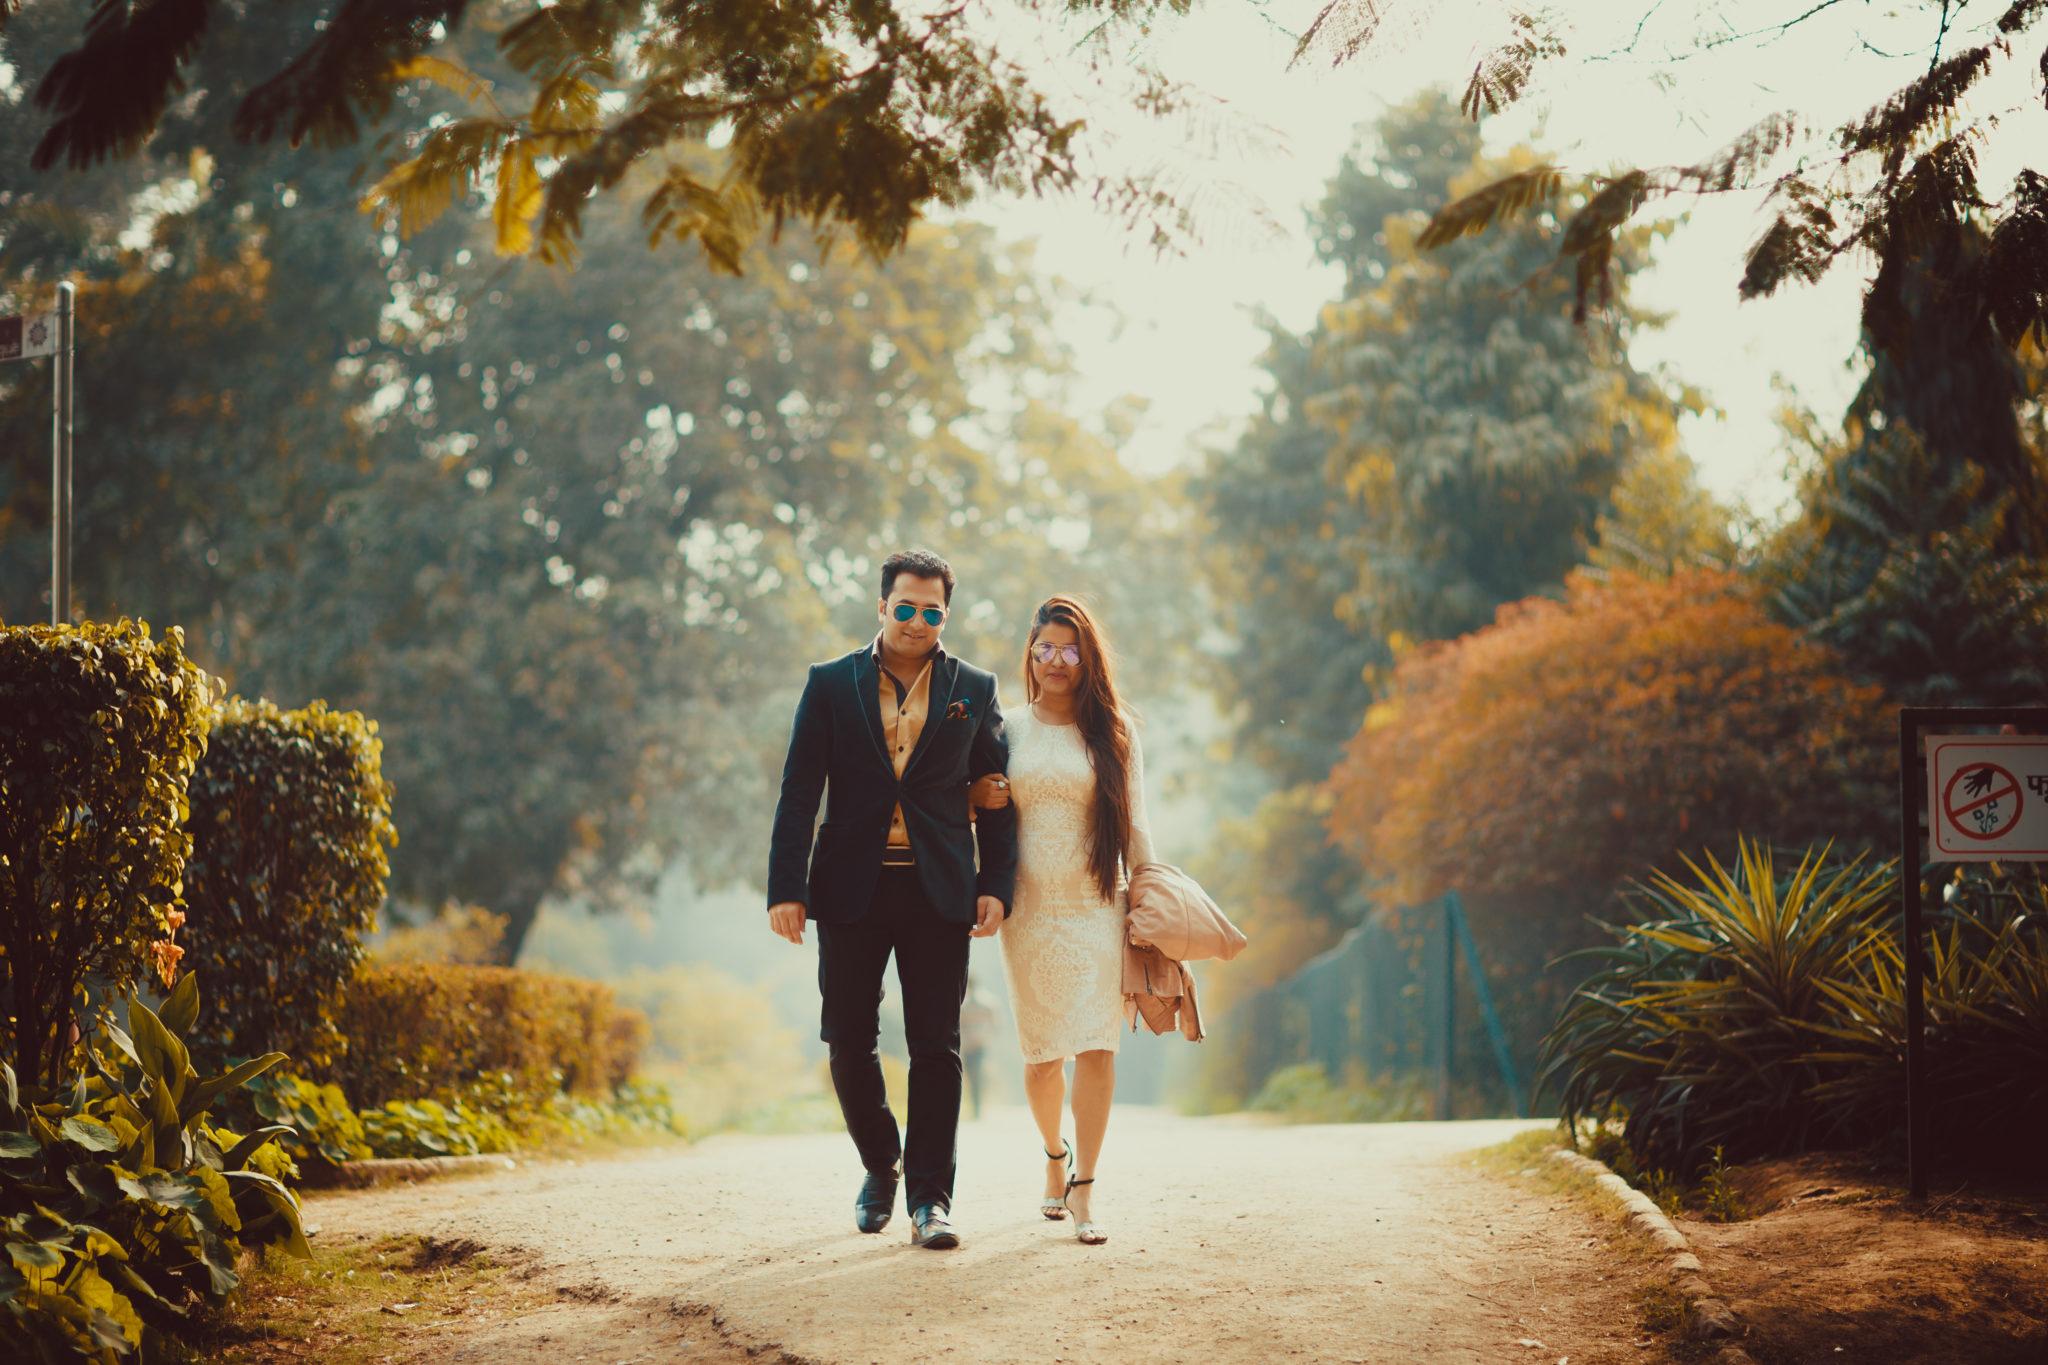 Pre Wedding Photo Shoot Tips